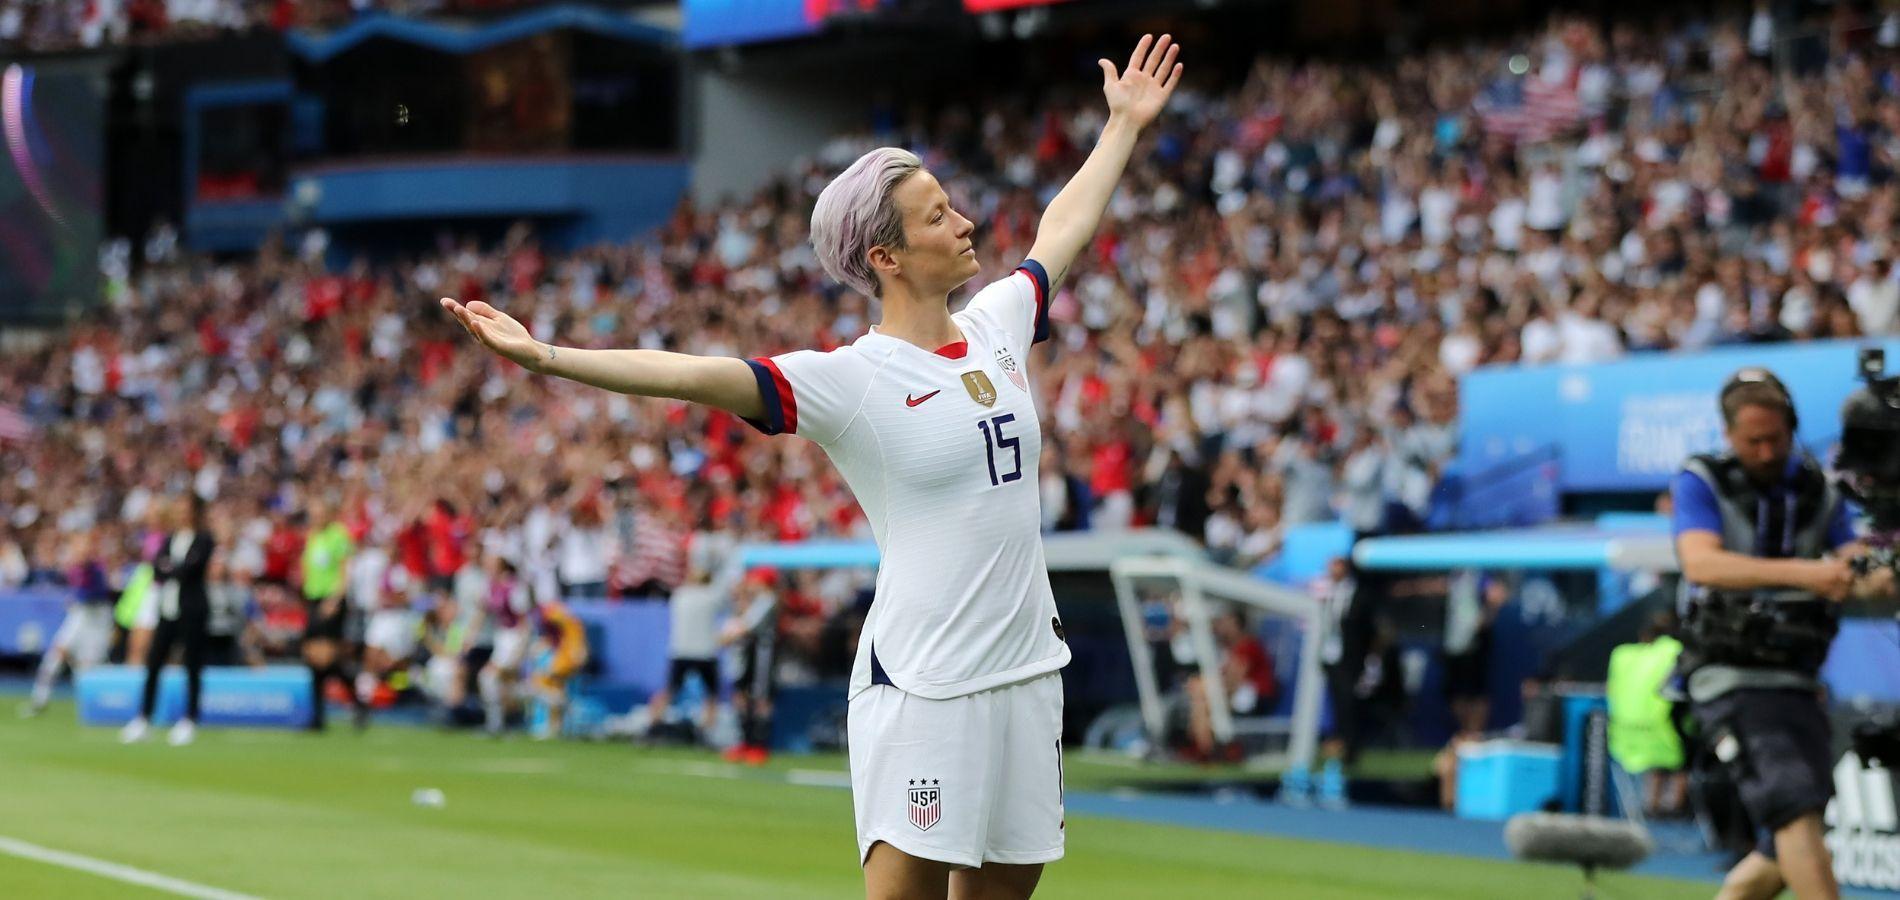 Megan Rapinoe, la milieu de terrain de l\u0027équipe américaine de football,  célèbre son but contre la France en quarts de finale de la Coupe du monde  féminine,